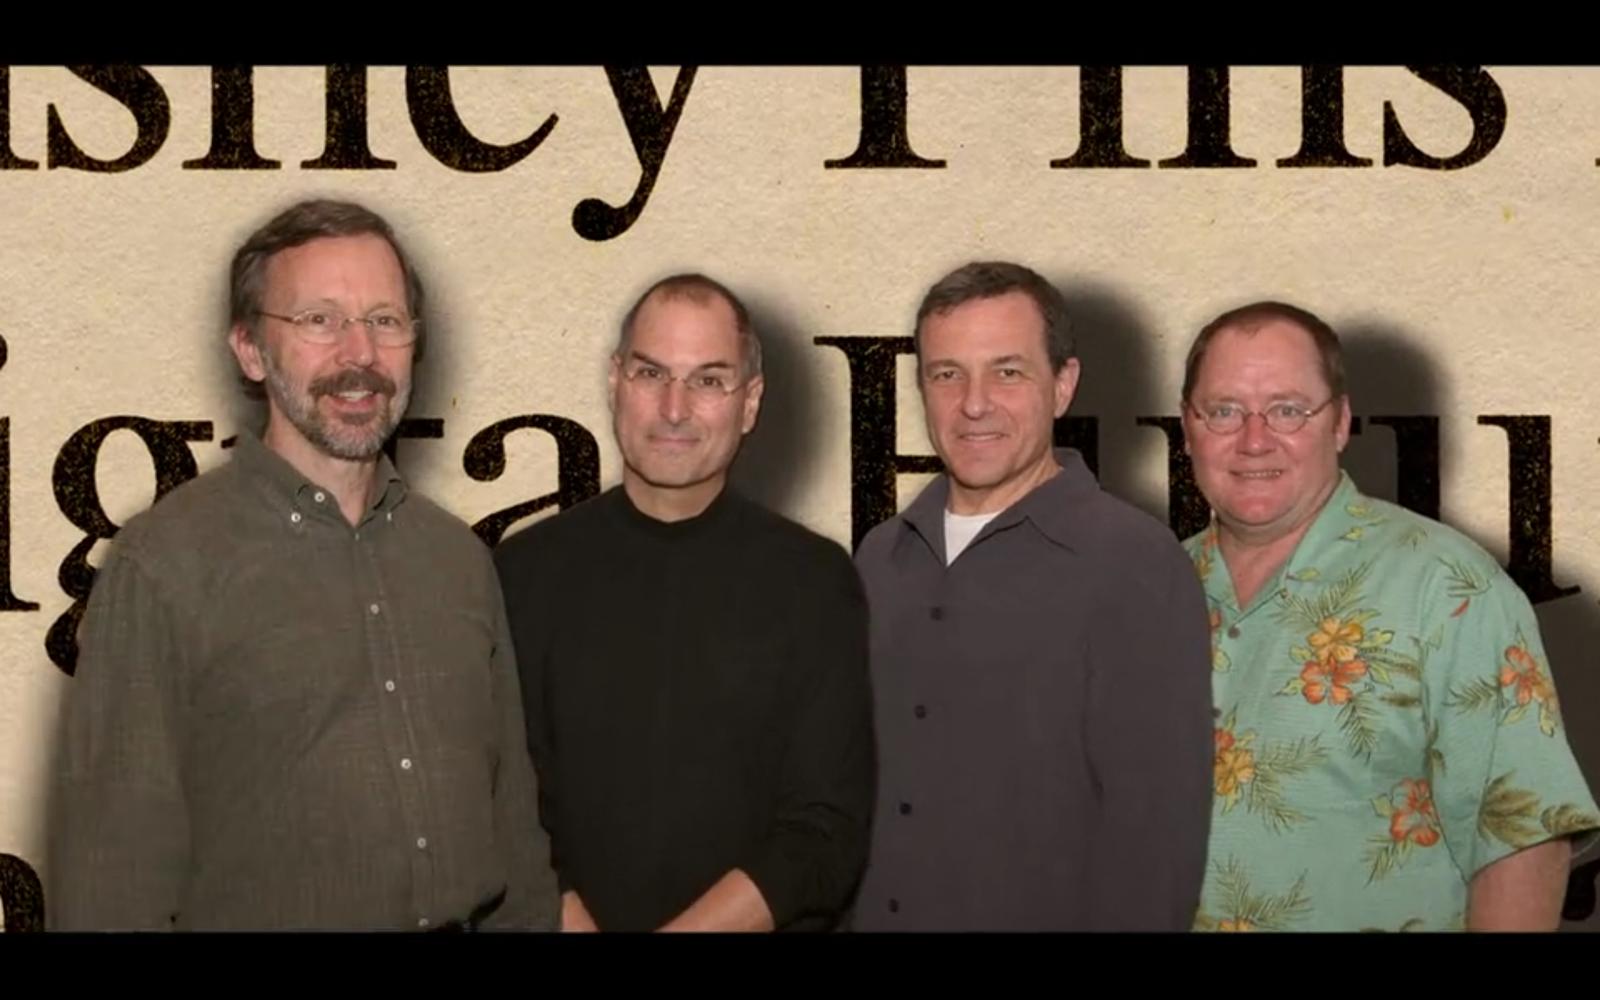 왼쪽부터 픽사의 Ed Catmull (기술), 스티브 잡스, 디즈니 CEO 밥 아이거, 그리고 픽사의 John Lasseter (감독)